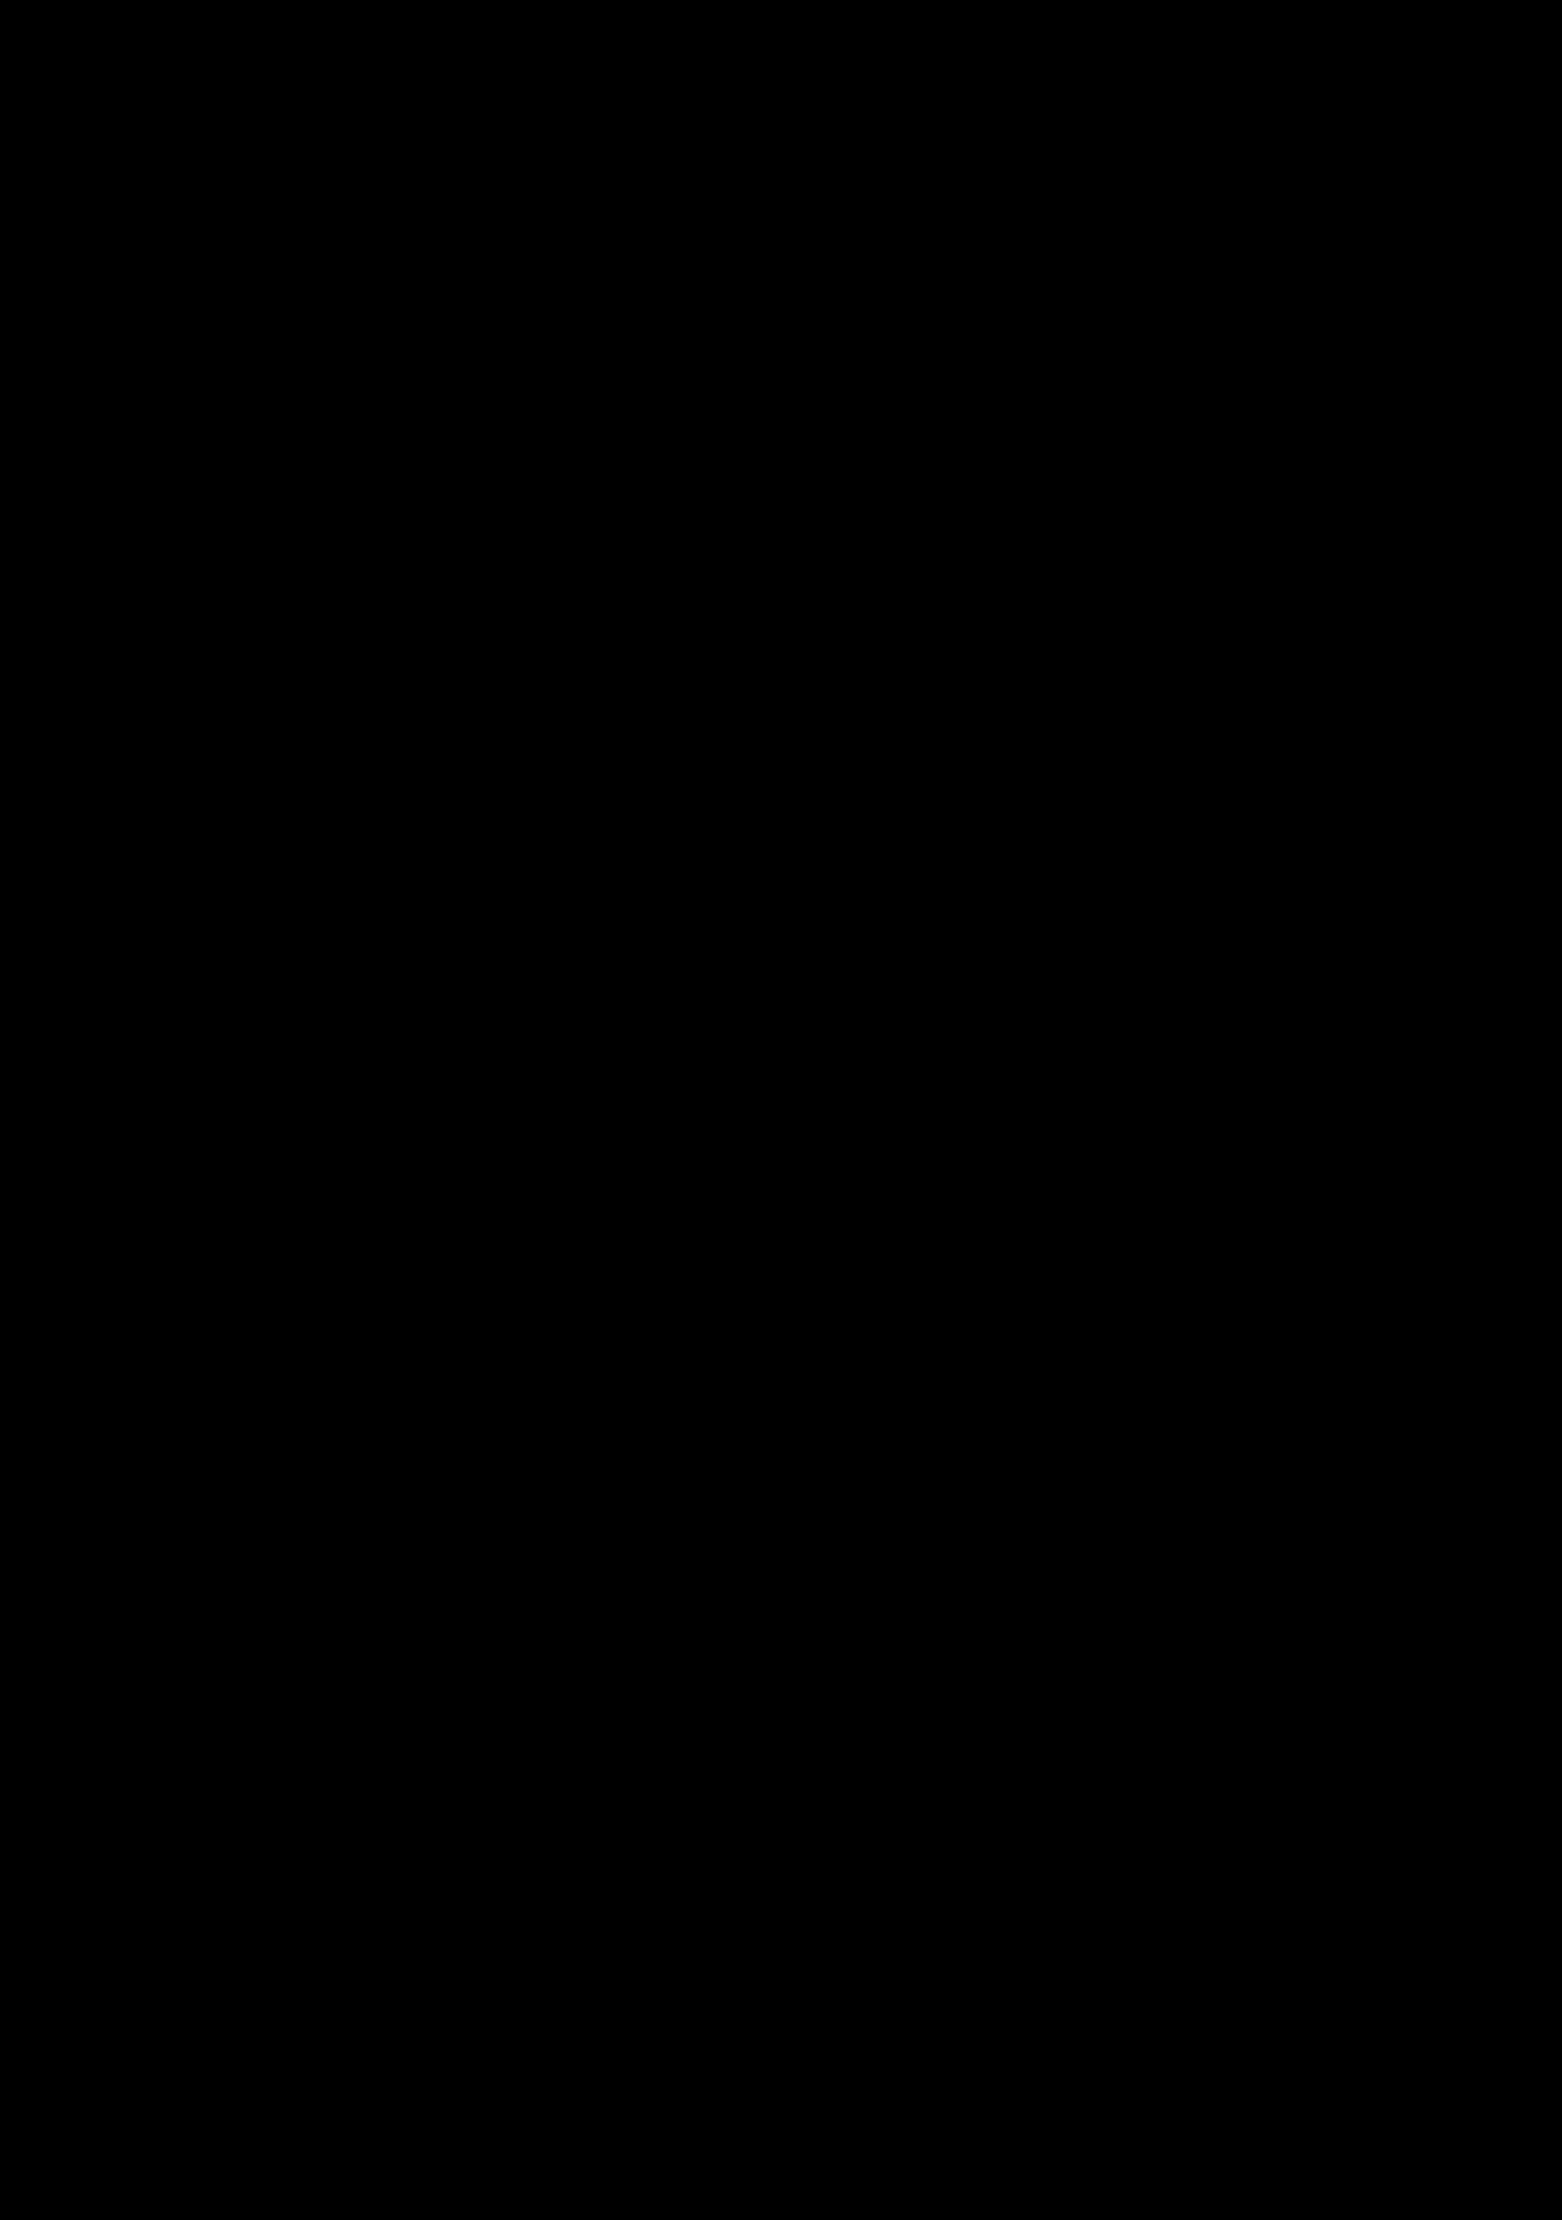 Celtic clipart silhouette Simple Celtic Silhouette Silhouette Celtic